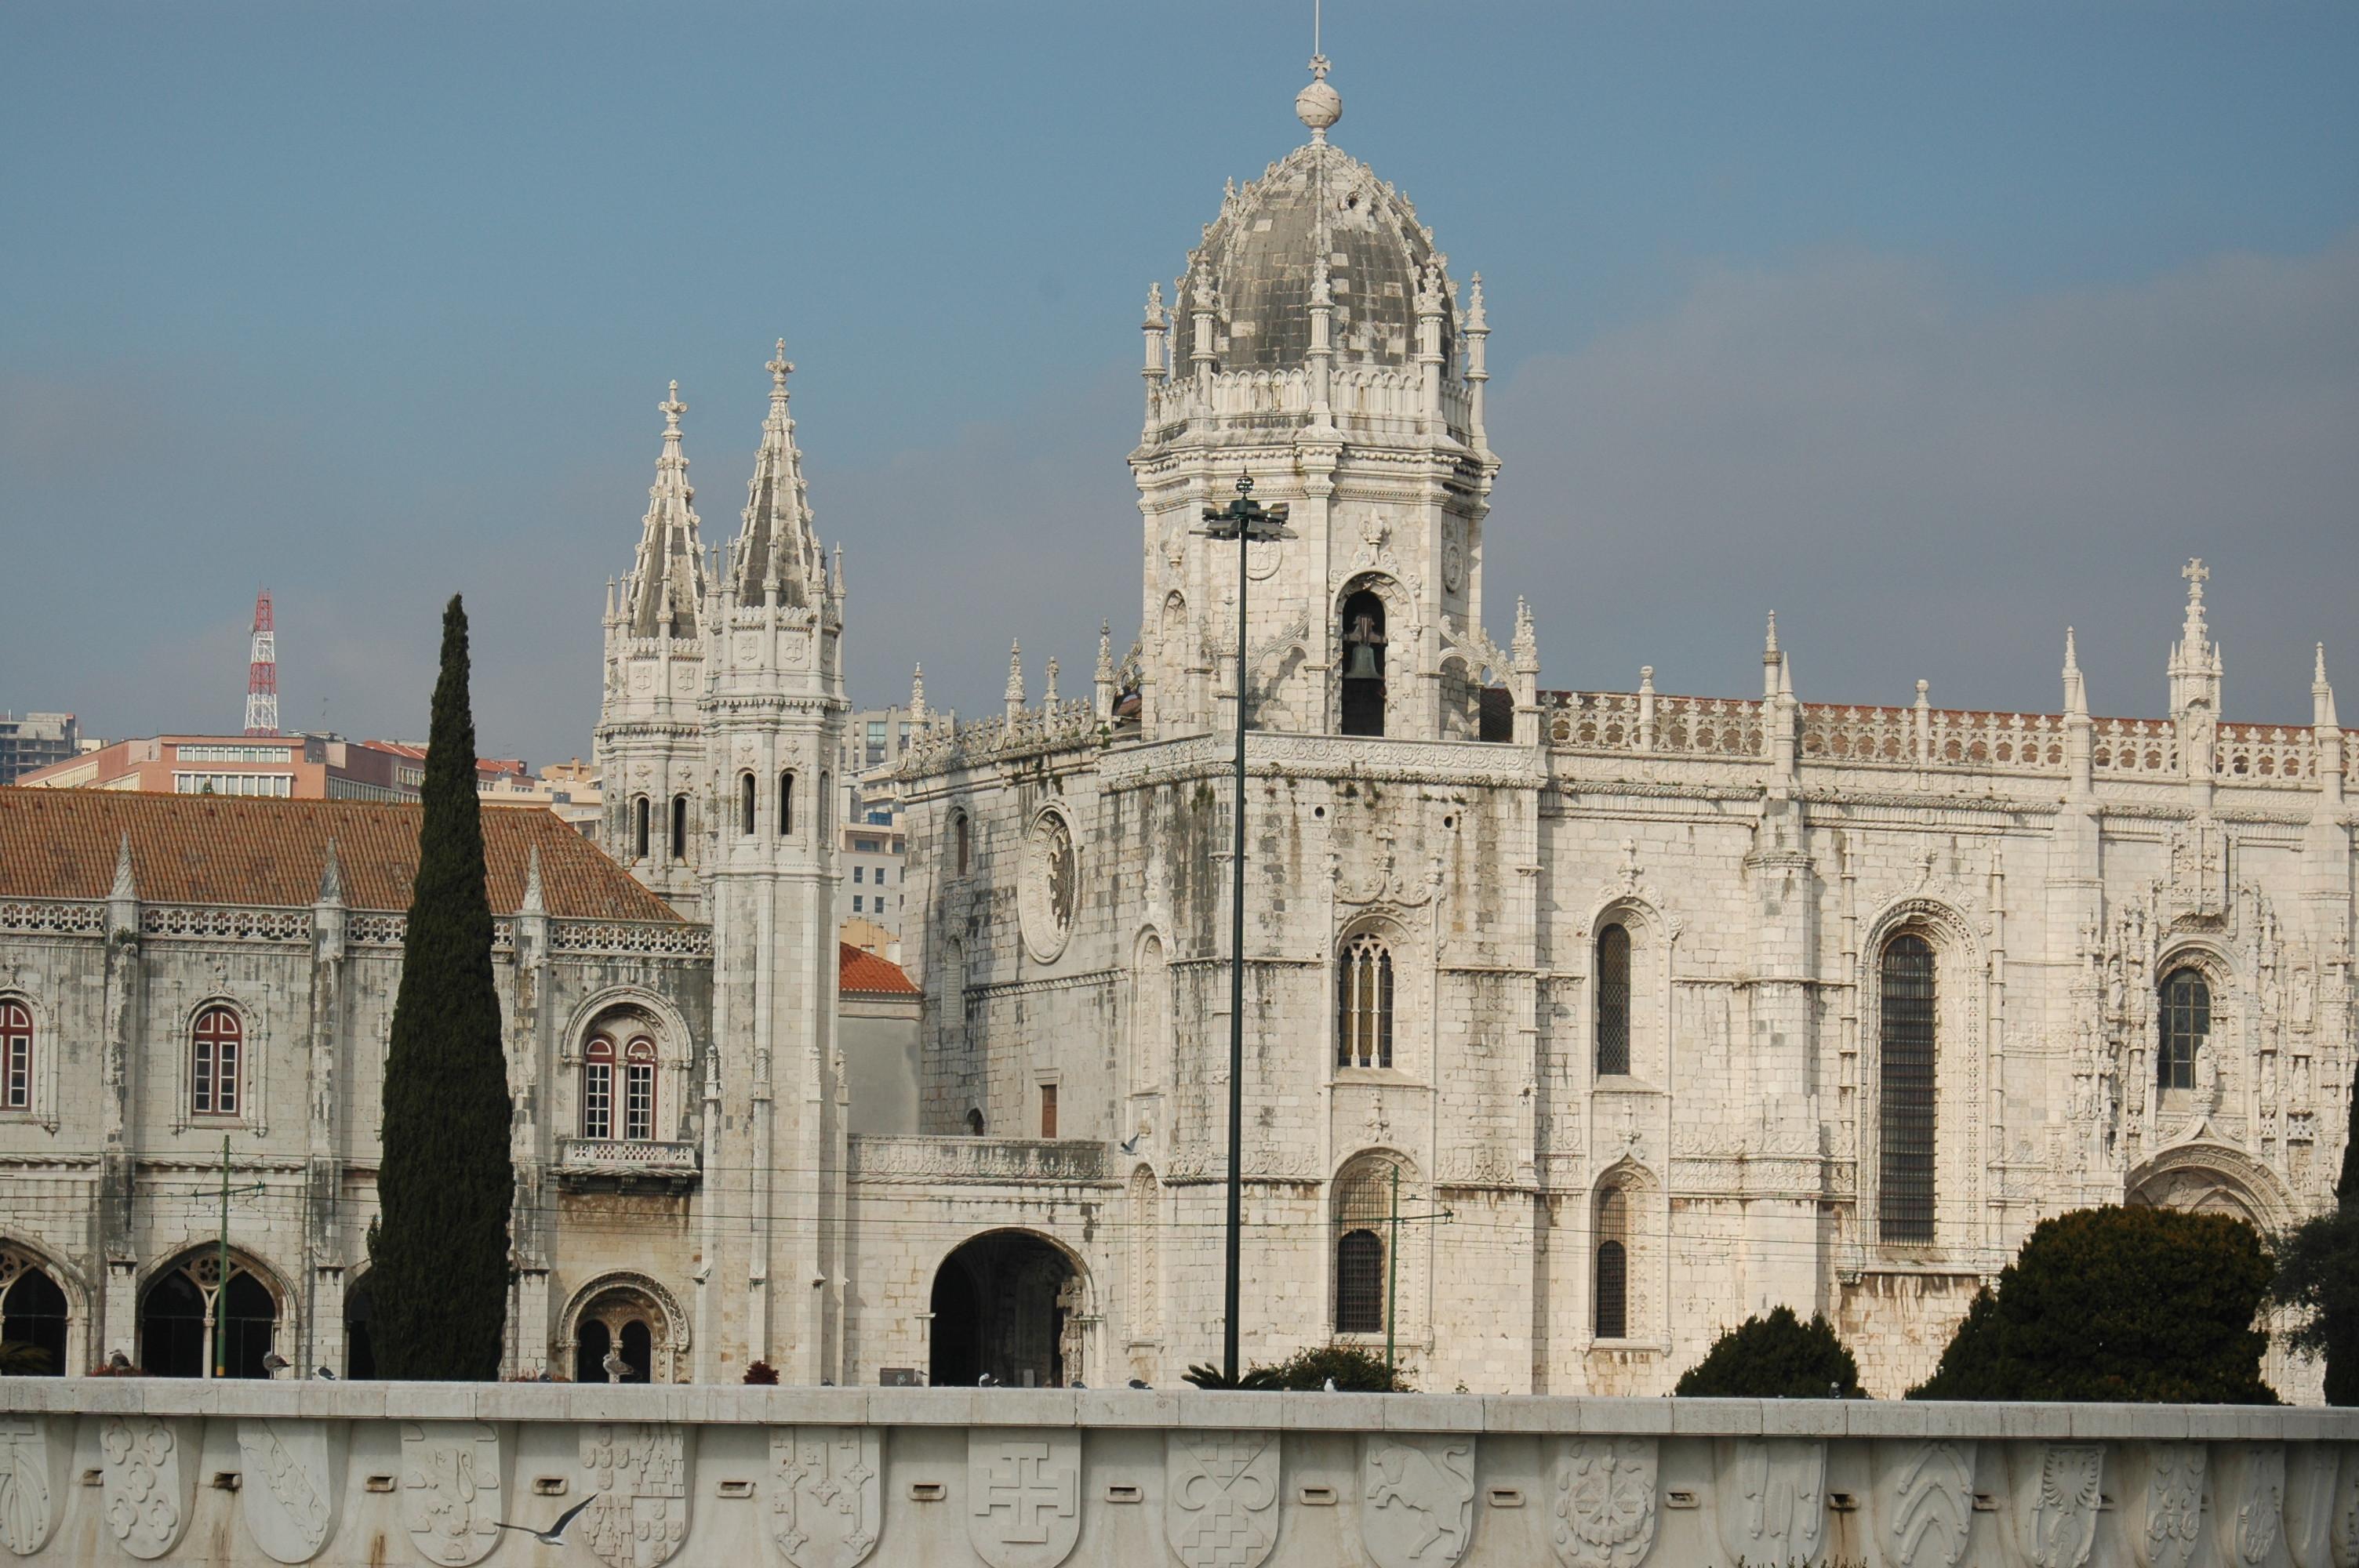 Monasterio dos Jeronimos in Lisbon, Portugal